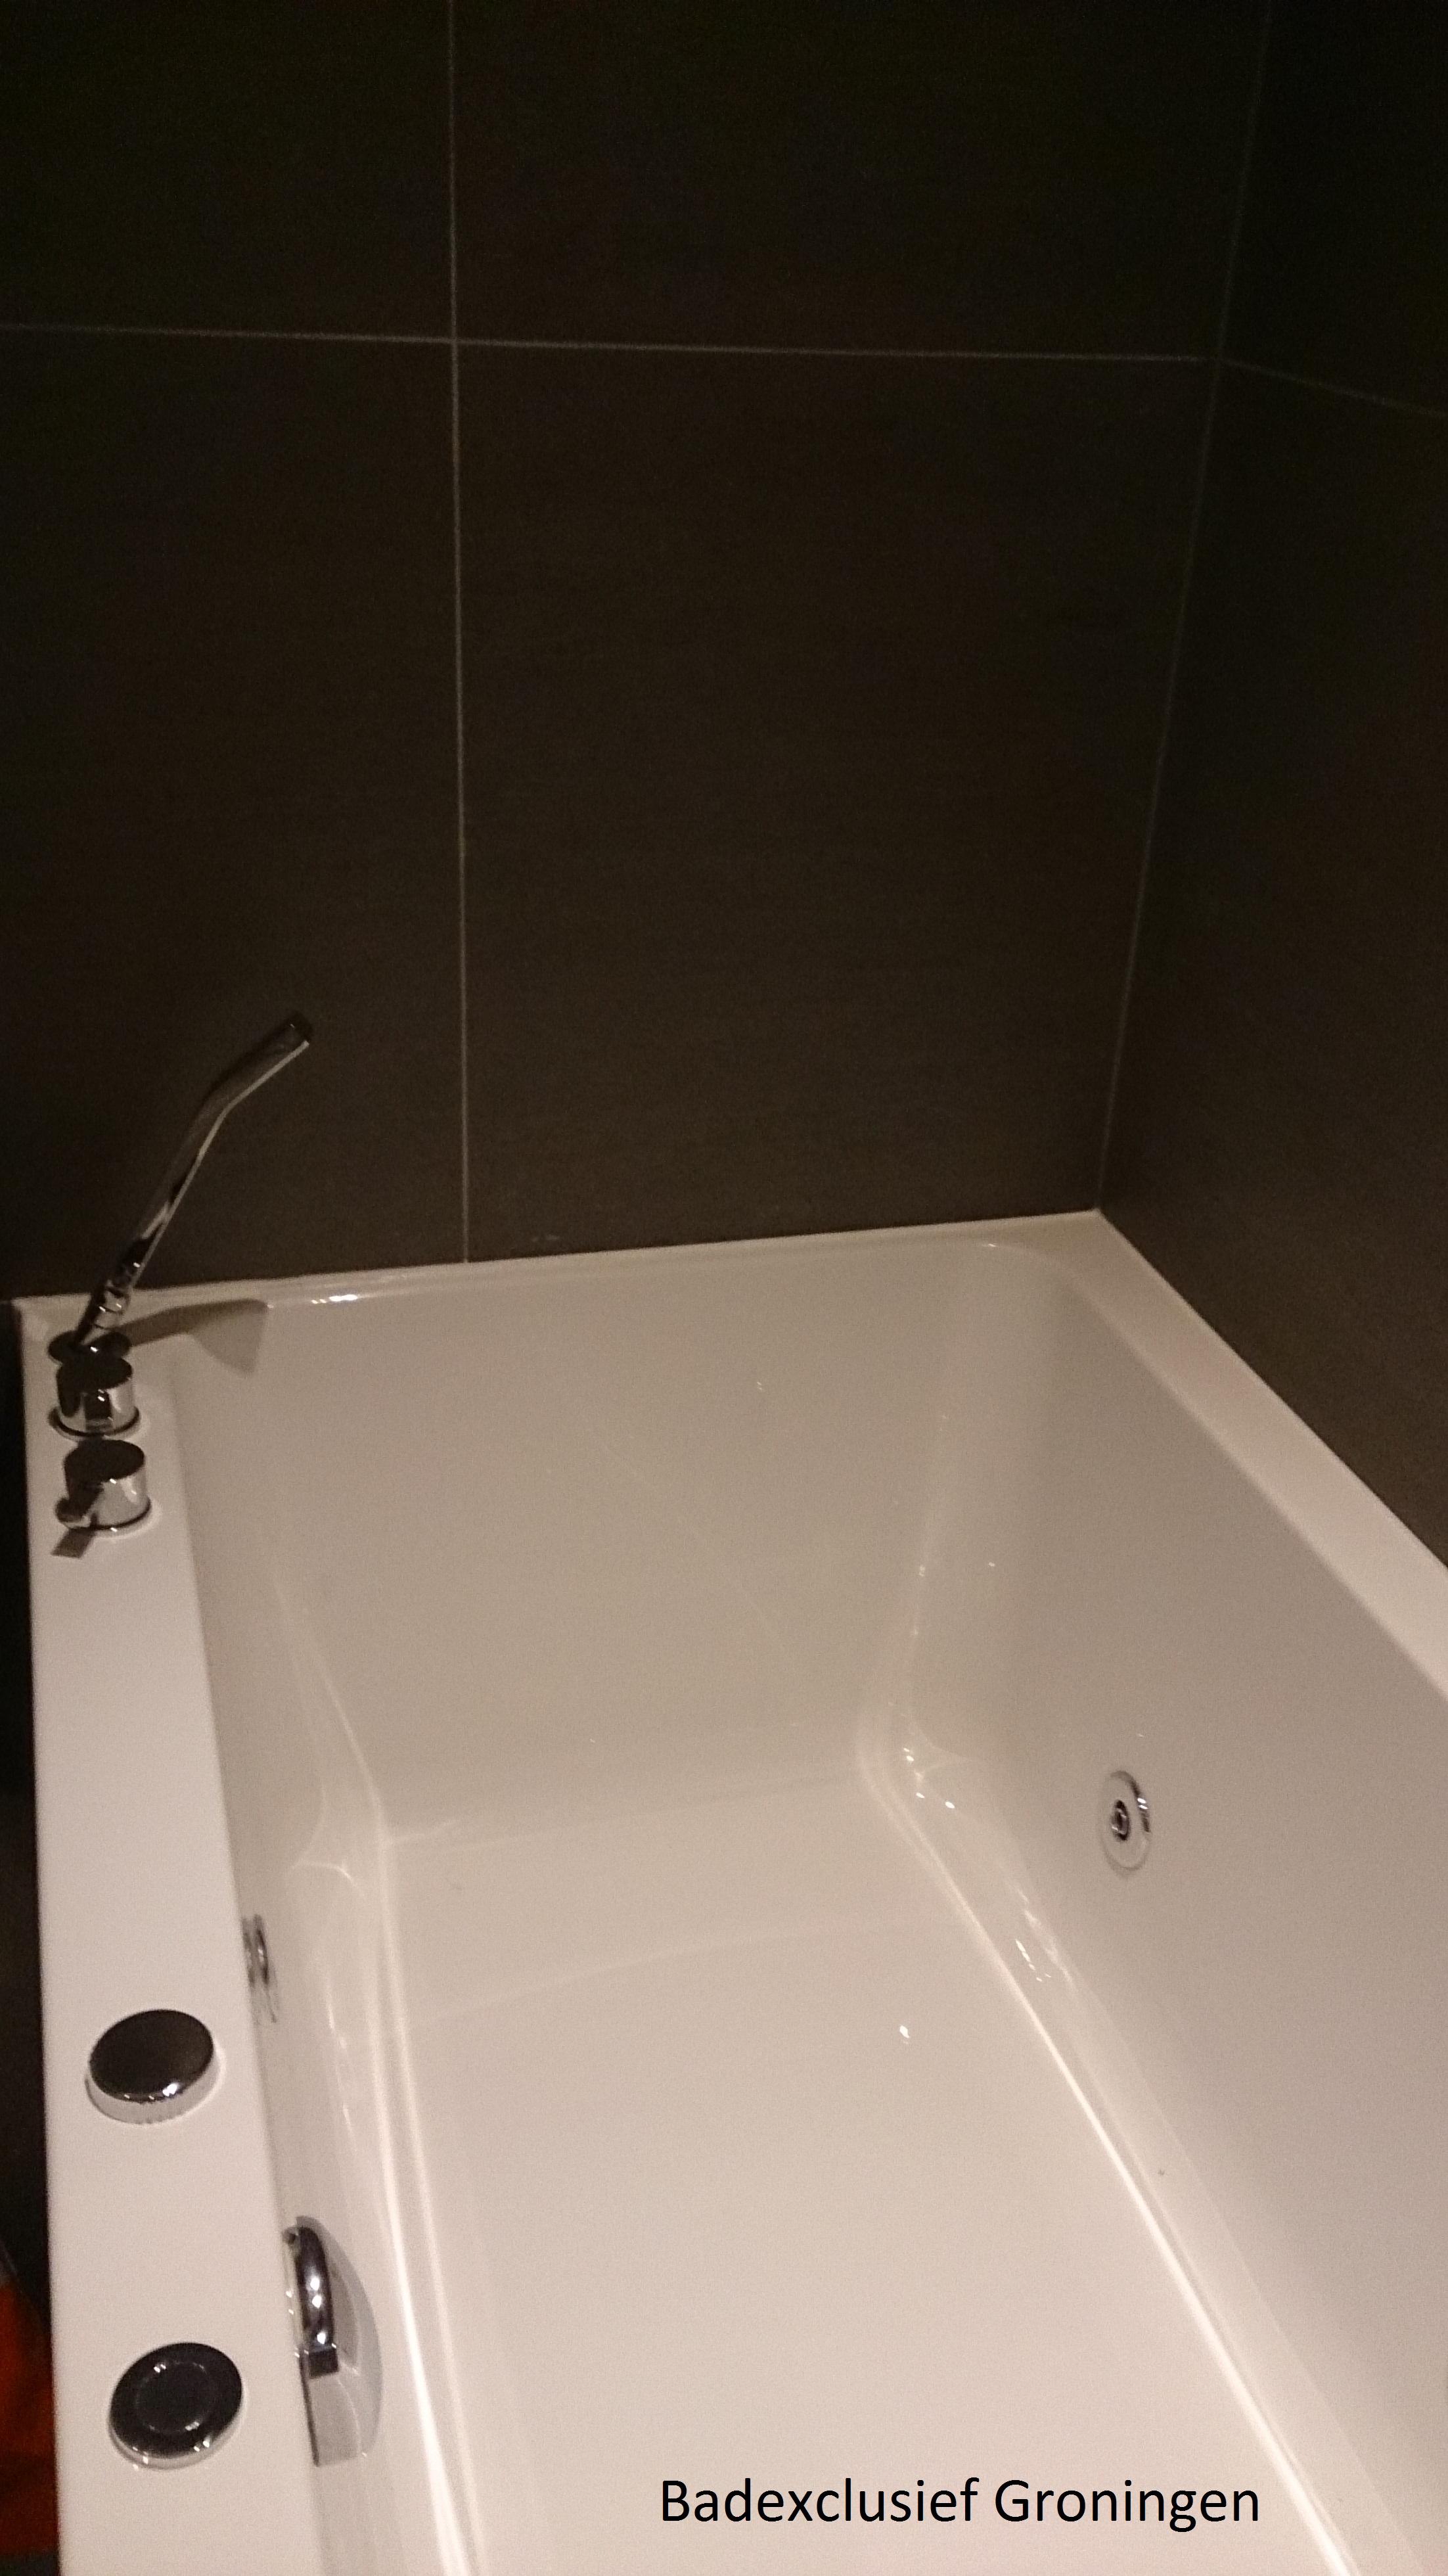 Luxe whirlpool in een luxe badkamer van Badexclusief de badkamerarchitect uit Groningen voor uw luxe badkamer.